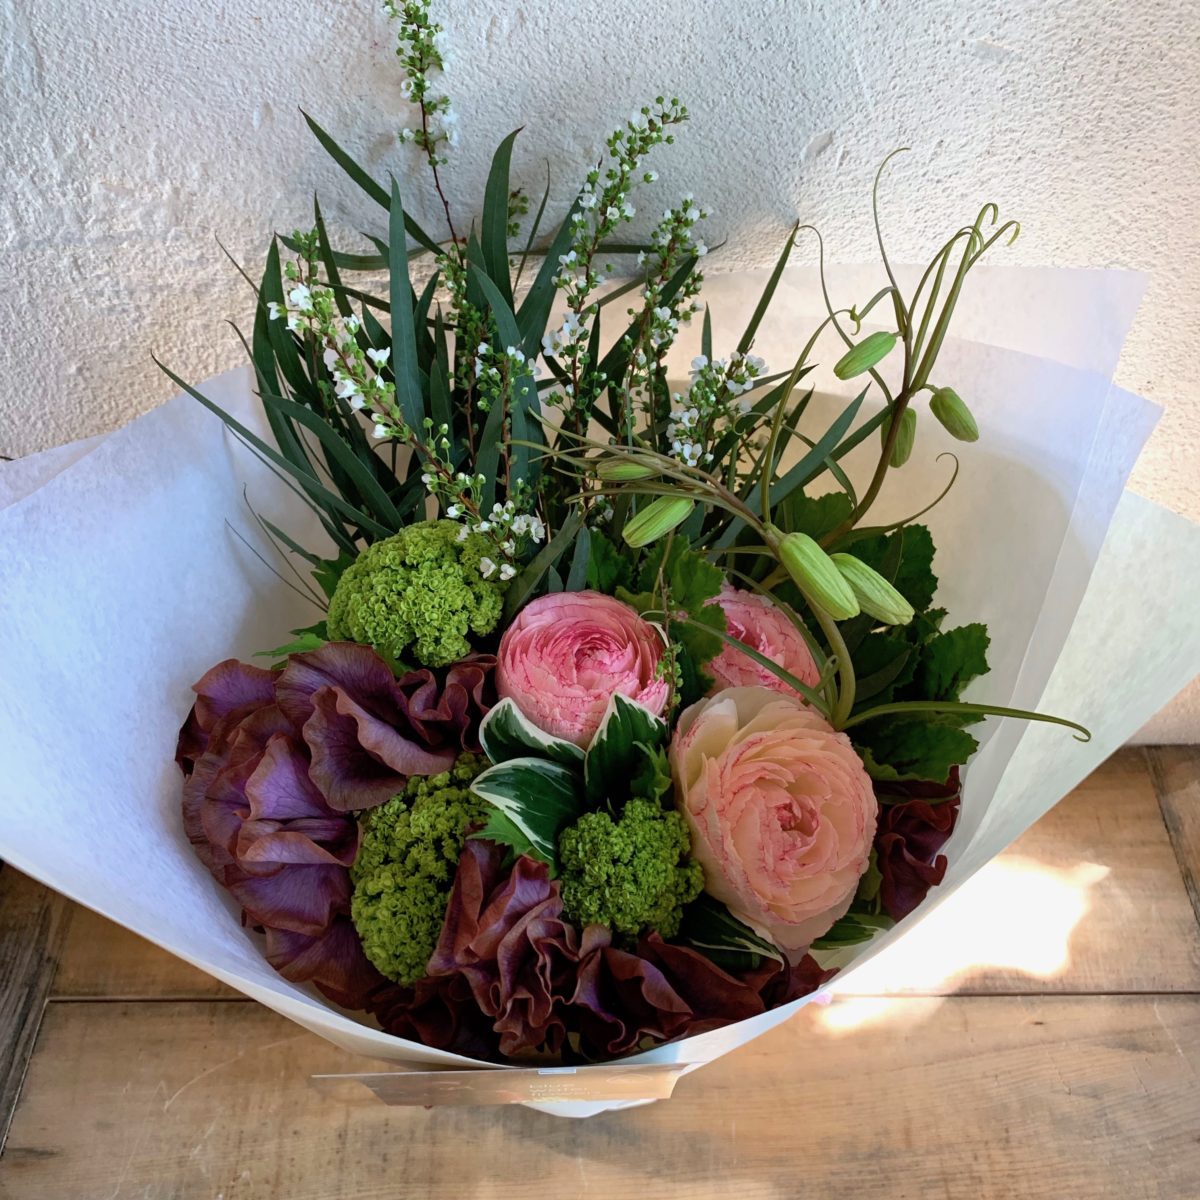 ピンクとシックな色合いの花束(¥3500)